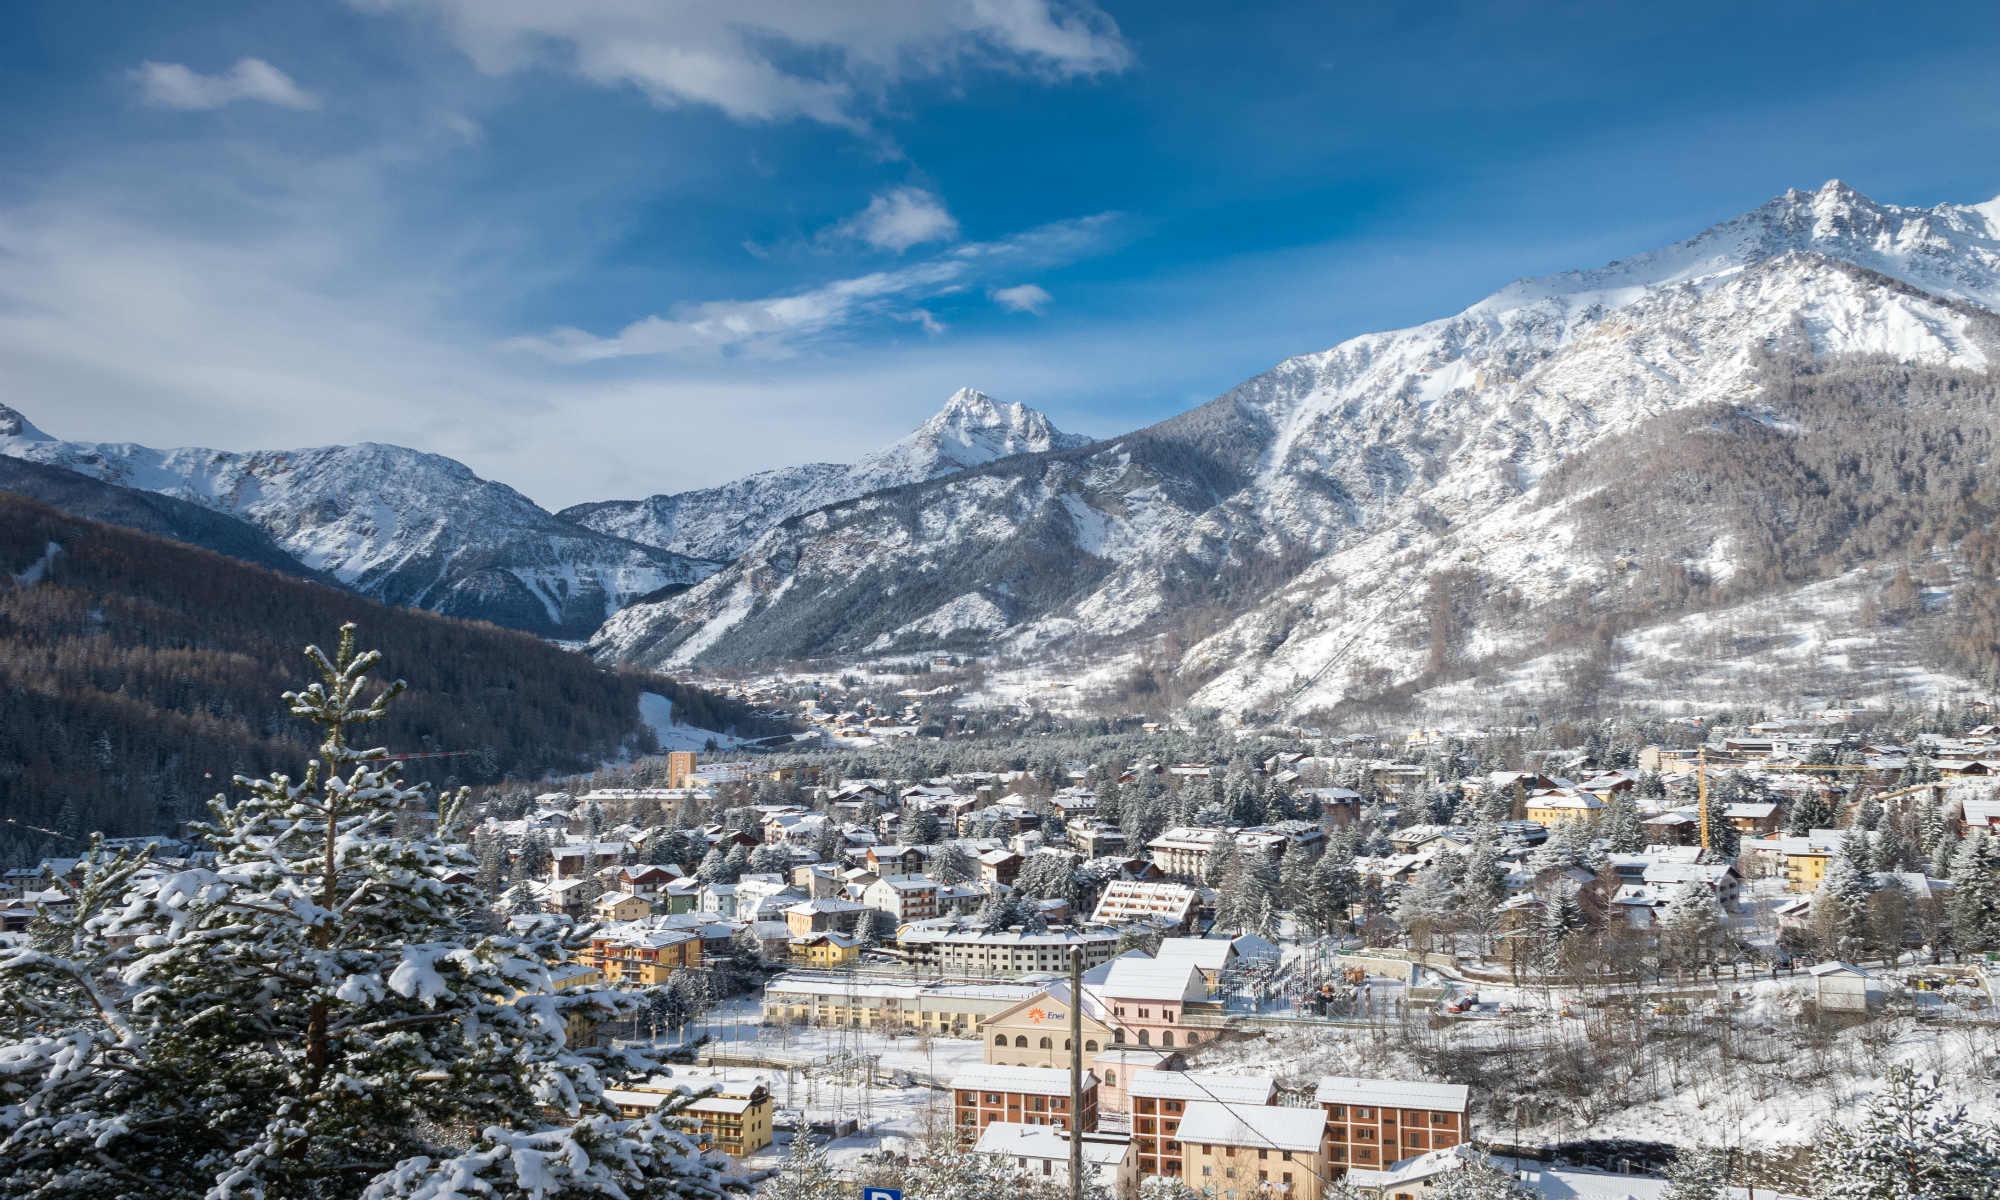 La città innevata di Bardonecchia situata al centro di una conca formata da montagne oltre i 3.000m di altitudine.